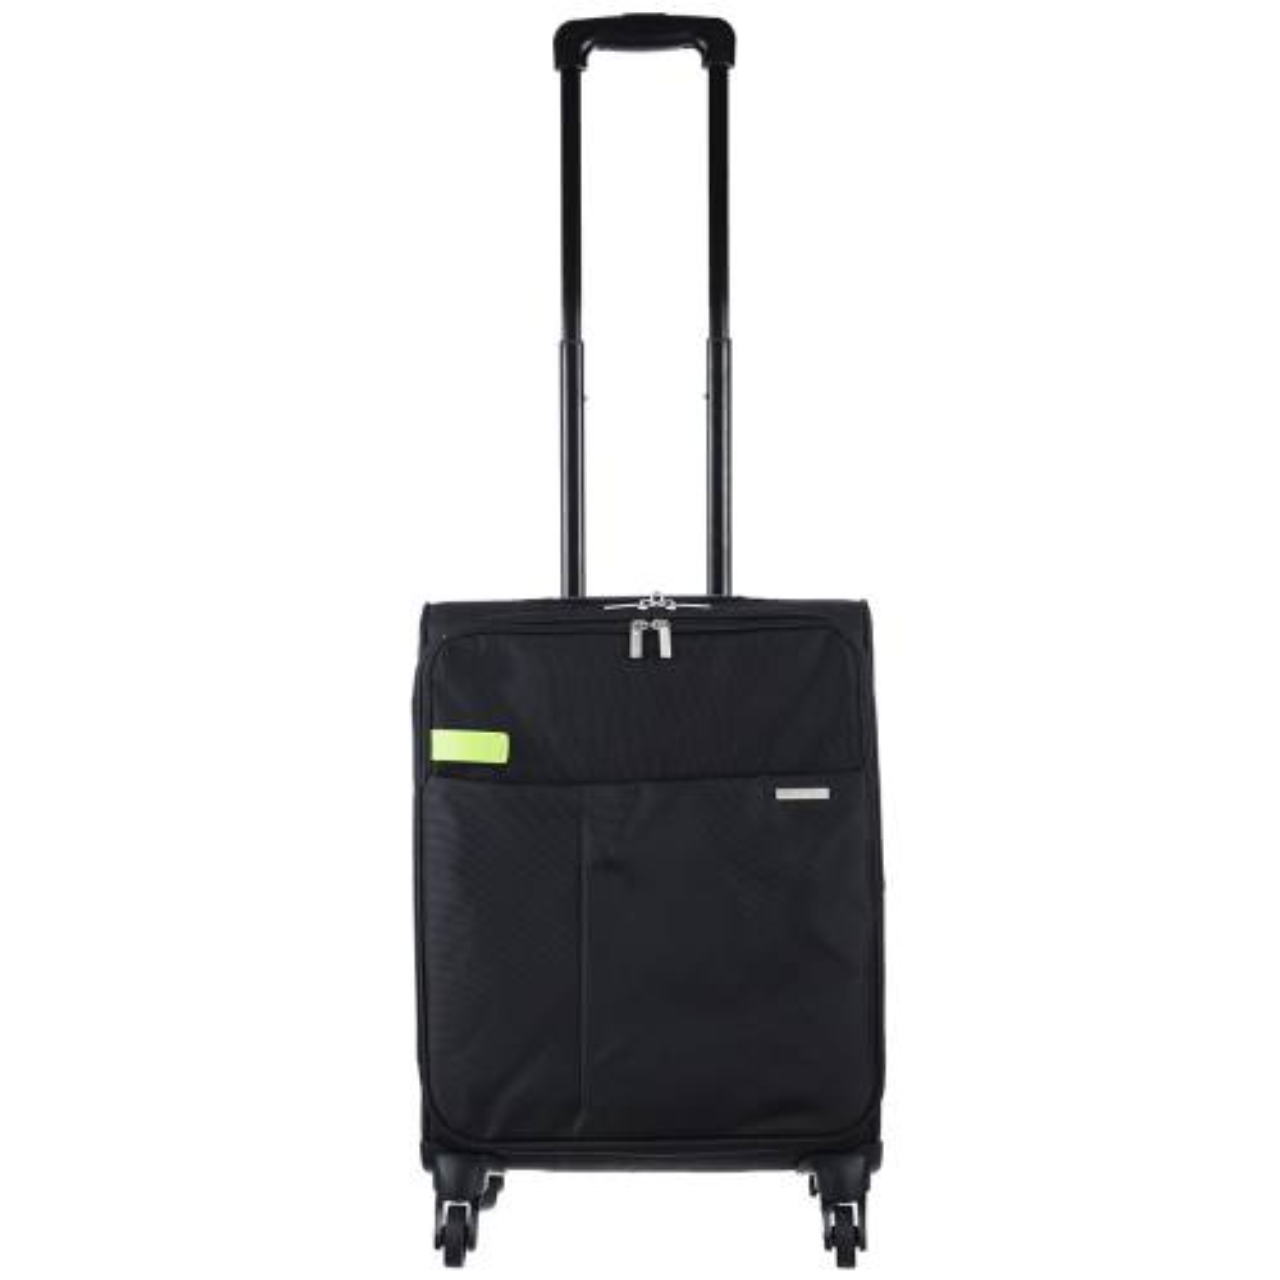 چمدان لایتز مدل Smart Traveler